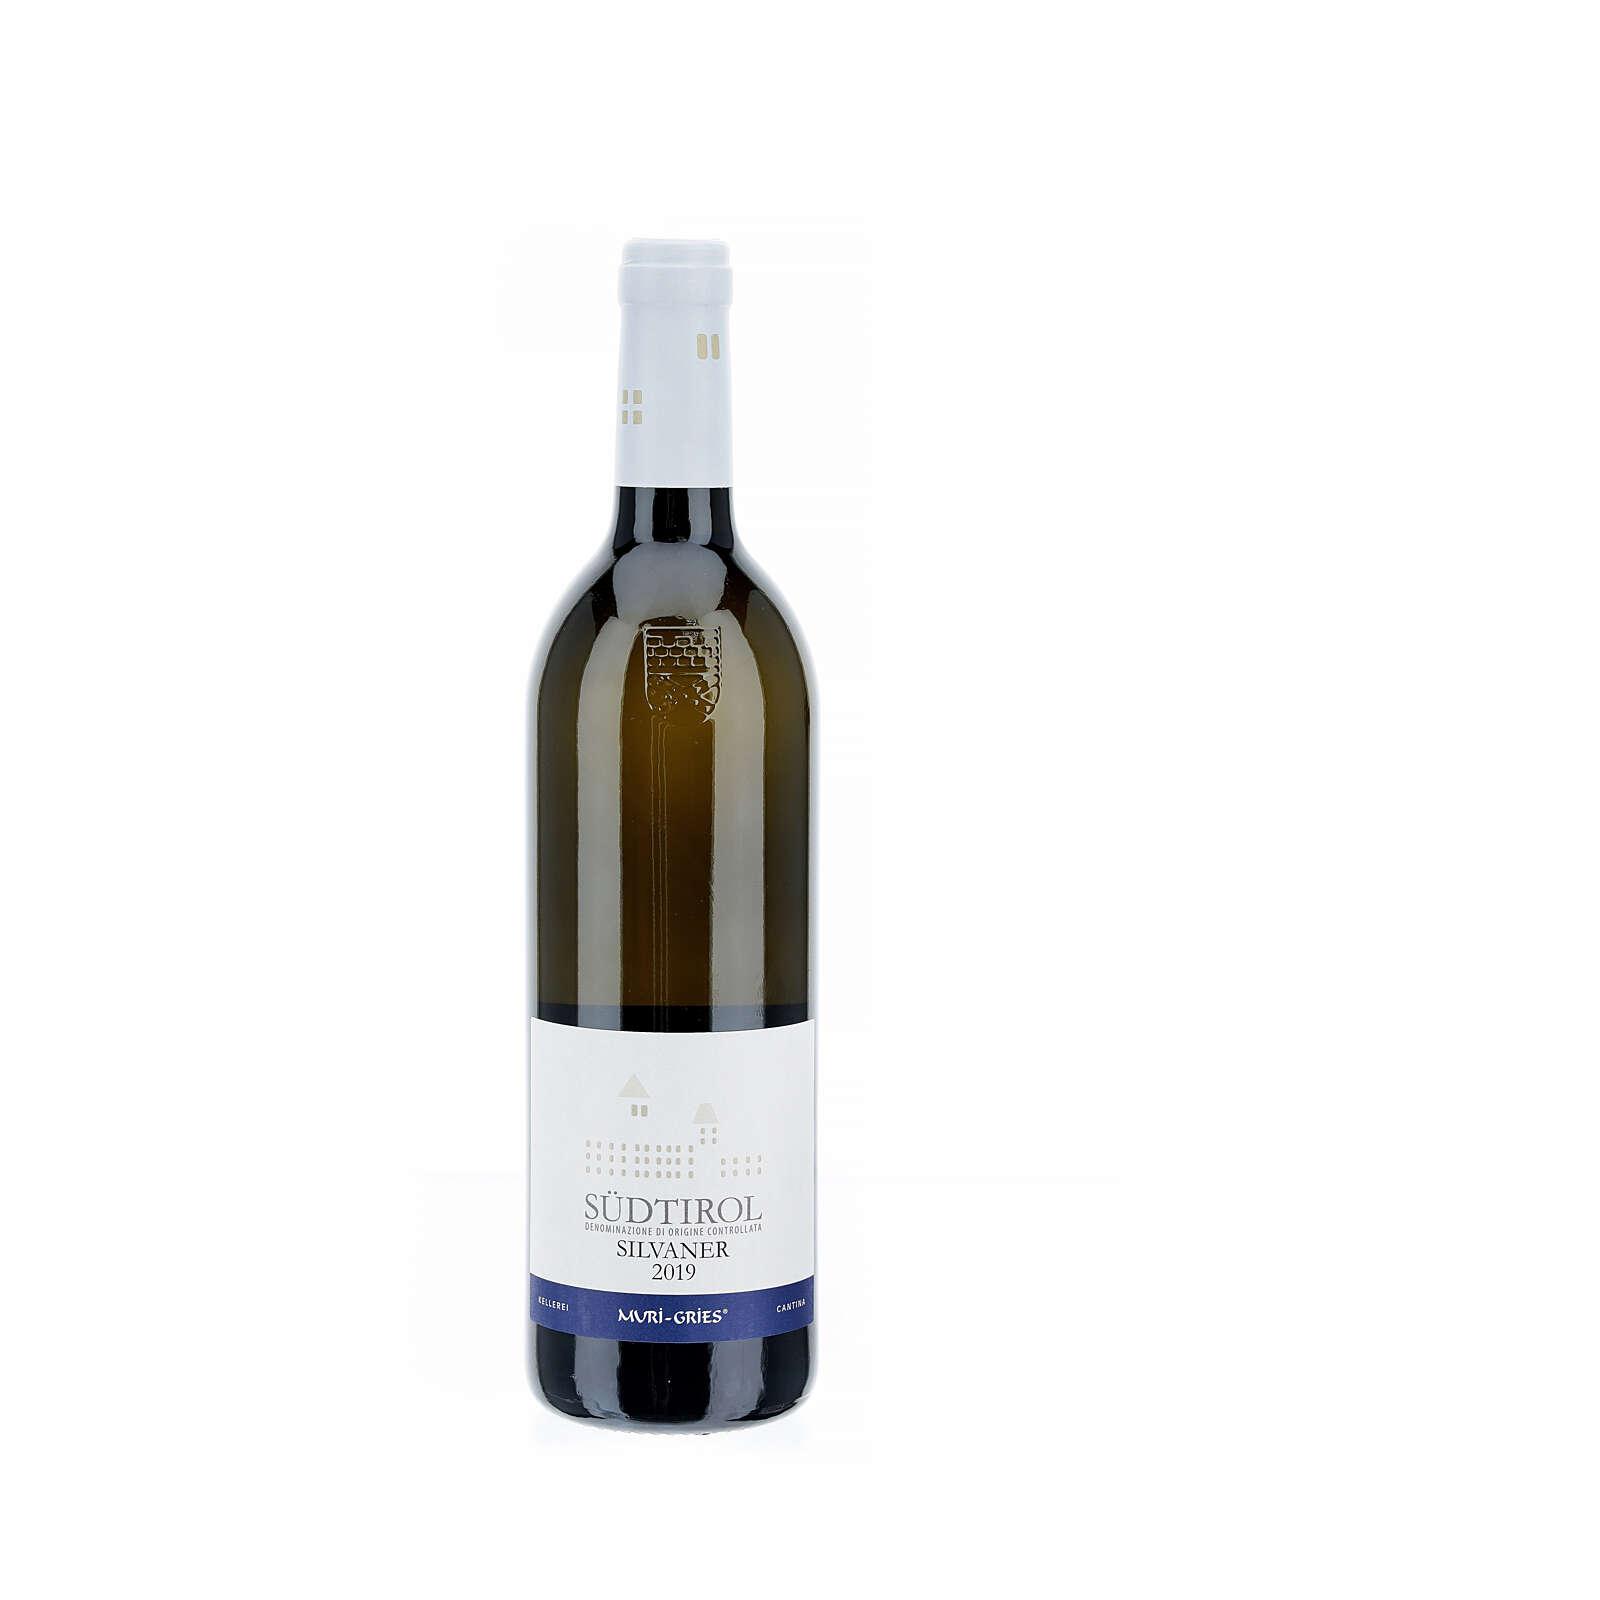 Silvaner Wein DOC Abtei Muri Gries 2019 3